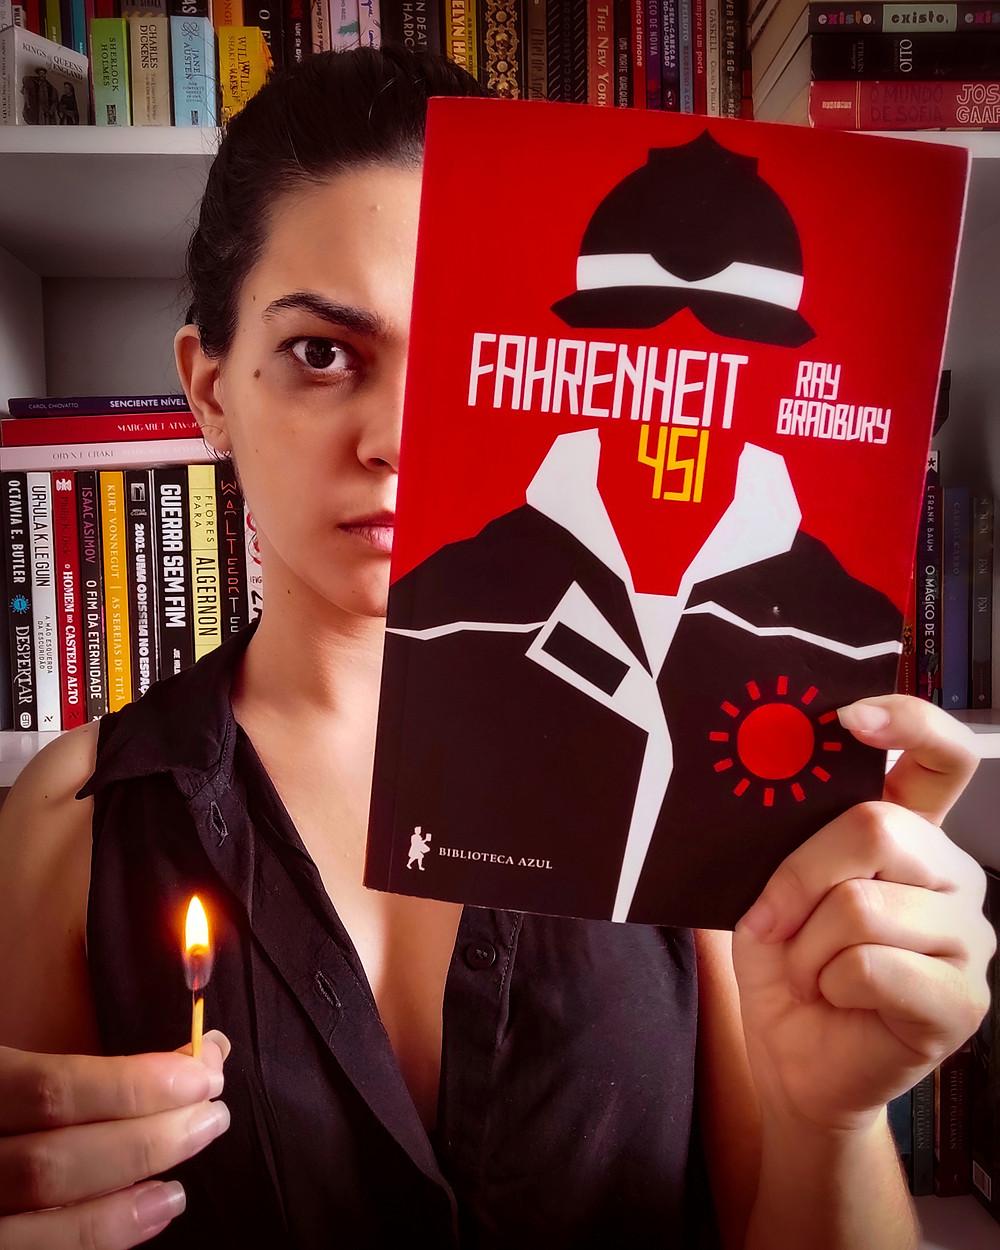 Uma mulher segura o livro Fahrenheit 451 de Ray Bradbury e um fósforo aceso diante de uma estante de livros.